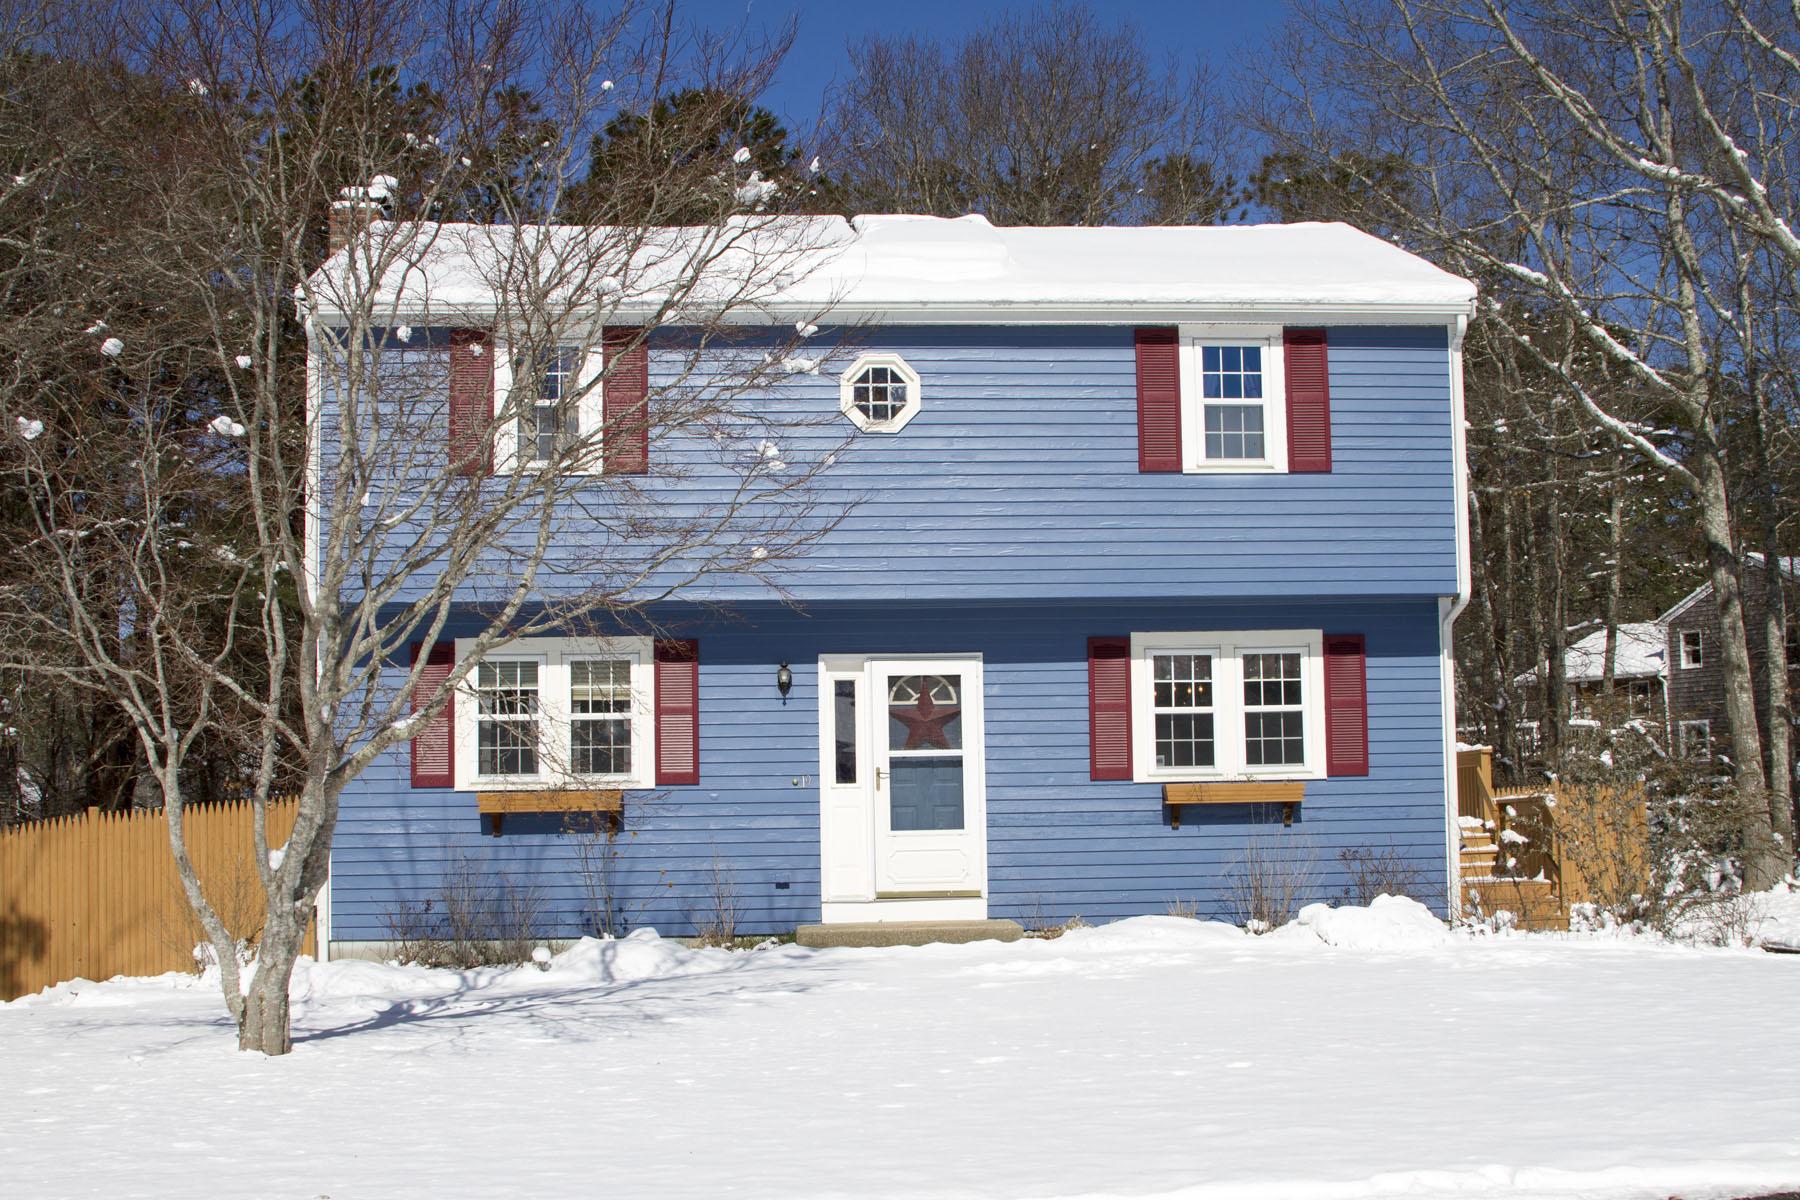 Maison unifamiliale pour l Vente à FAMILY NEIGHBORHOOD 19 BARQUENTINE DRIVE Plymouth, Massachusetts, 02360 États-Unis